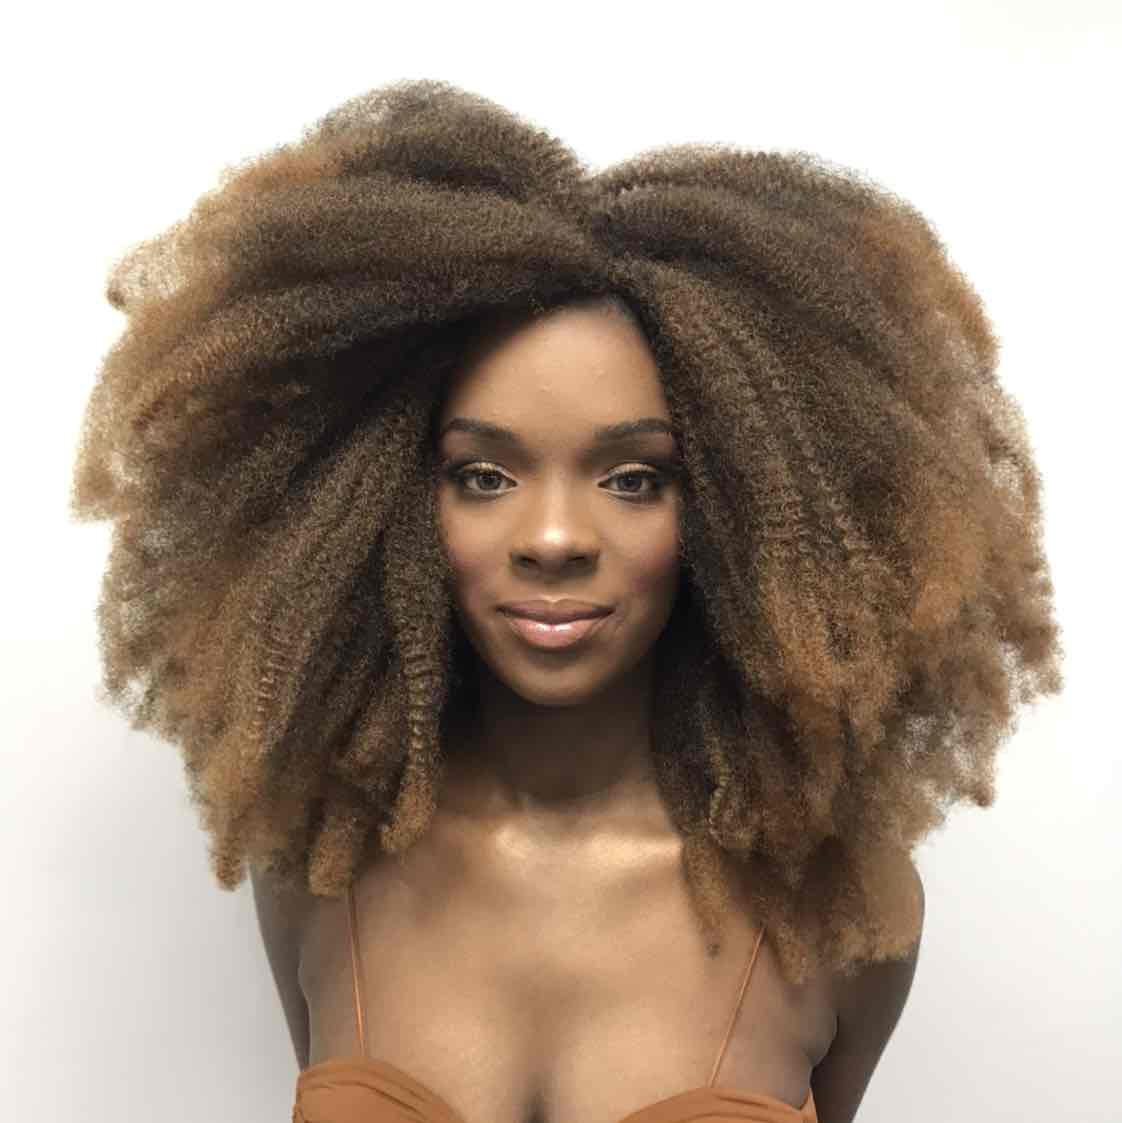 salon de coiffure afro tresse tresses box braids crochet braids vanilles tissages paris 75 77 78 91 92 93 94 95 YZLPDLBY